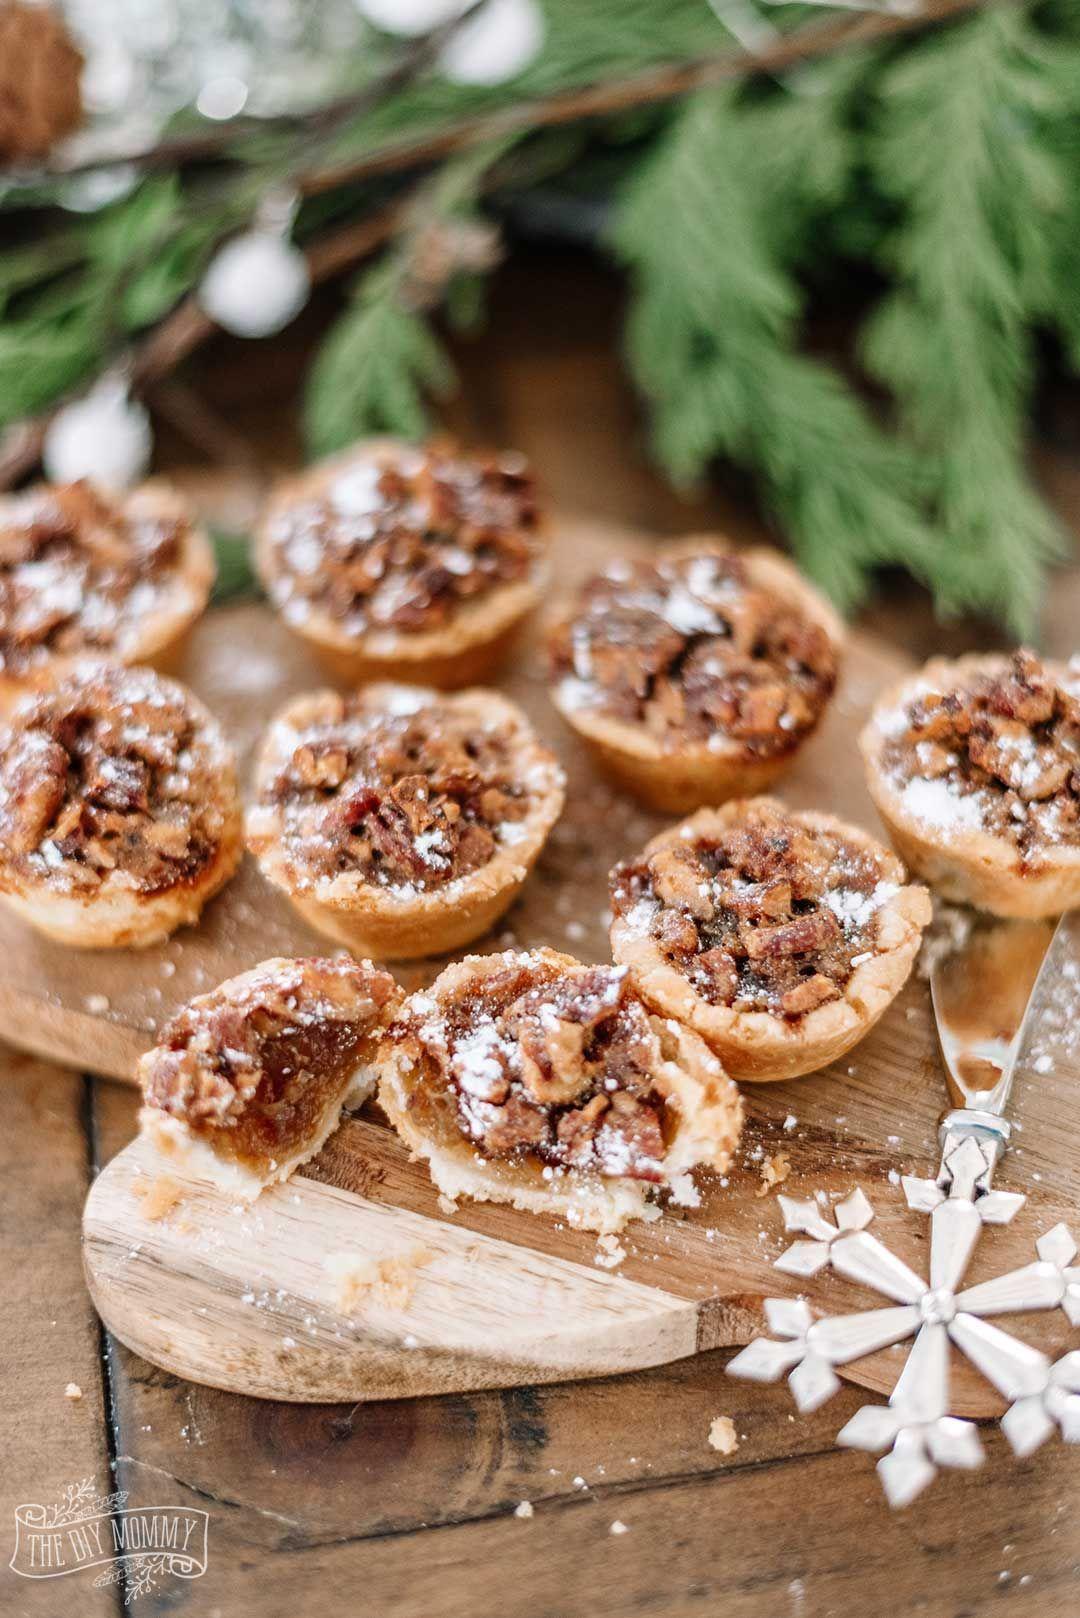 Maple pecan tassies recipe with images maple pecan